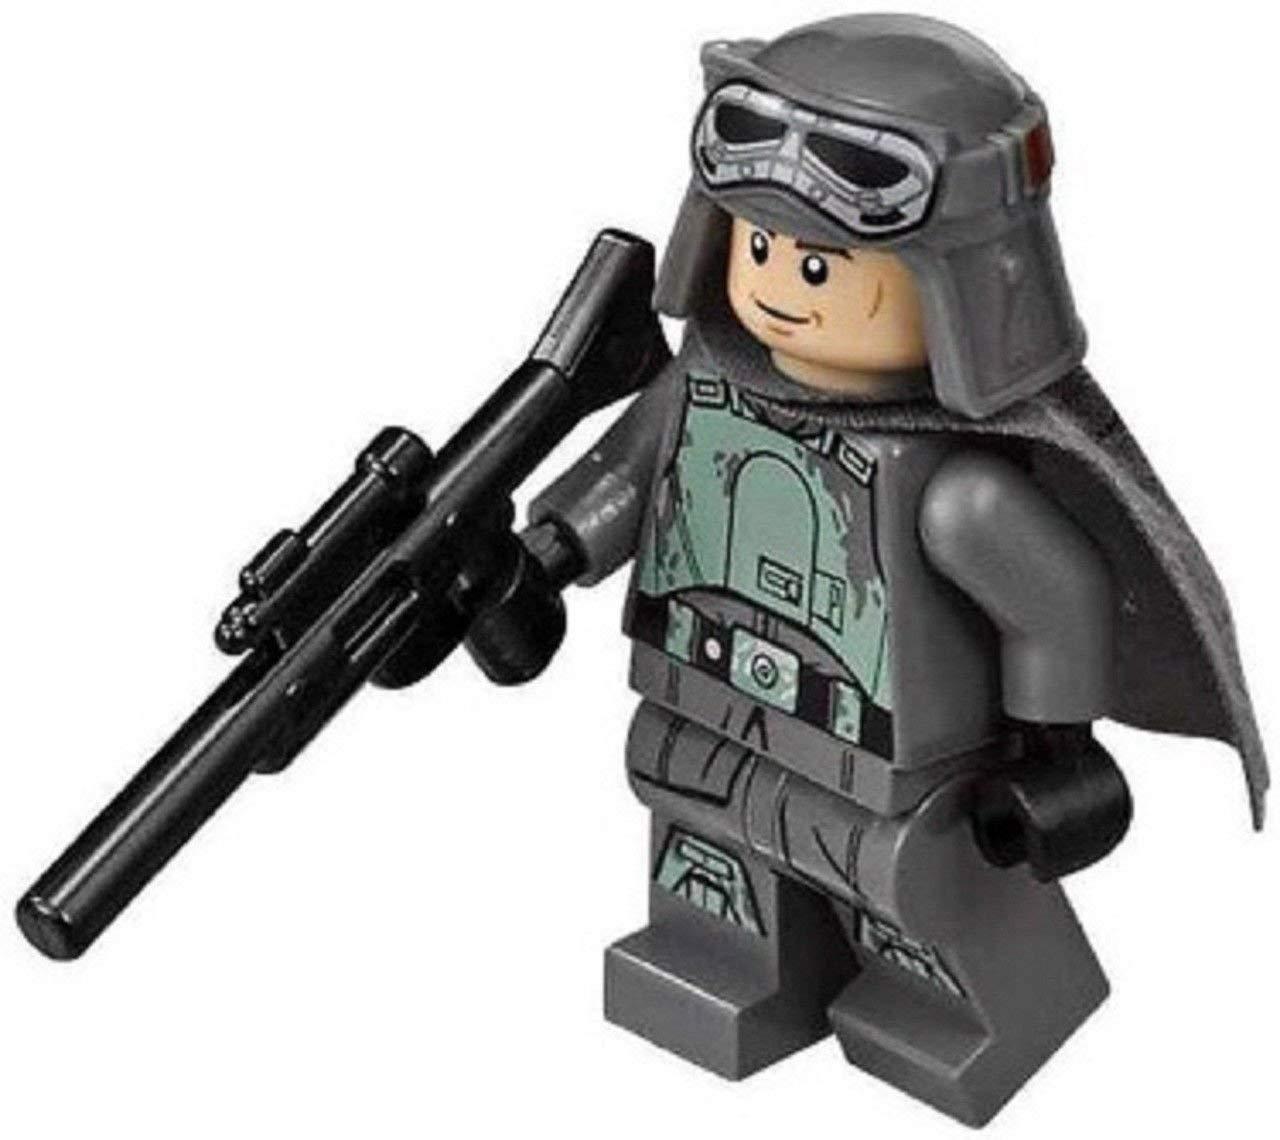 Solo: ASWS Han Solo (IMTO) Lego Mini Figure